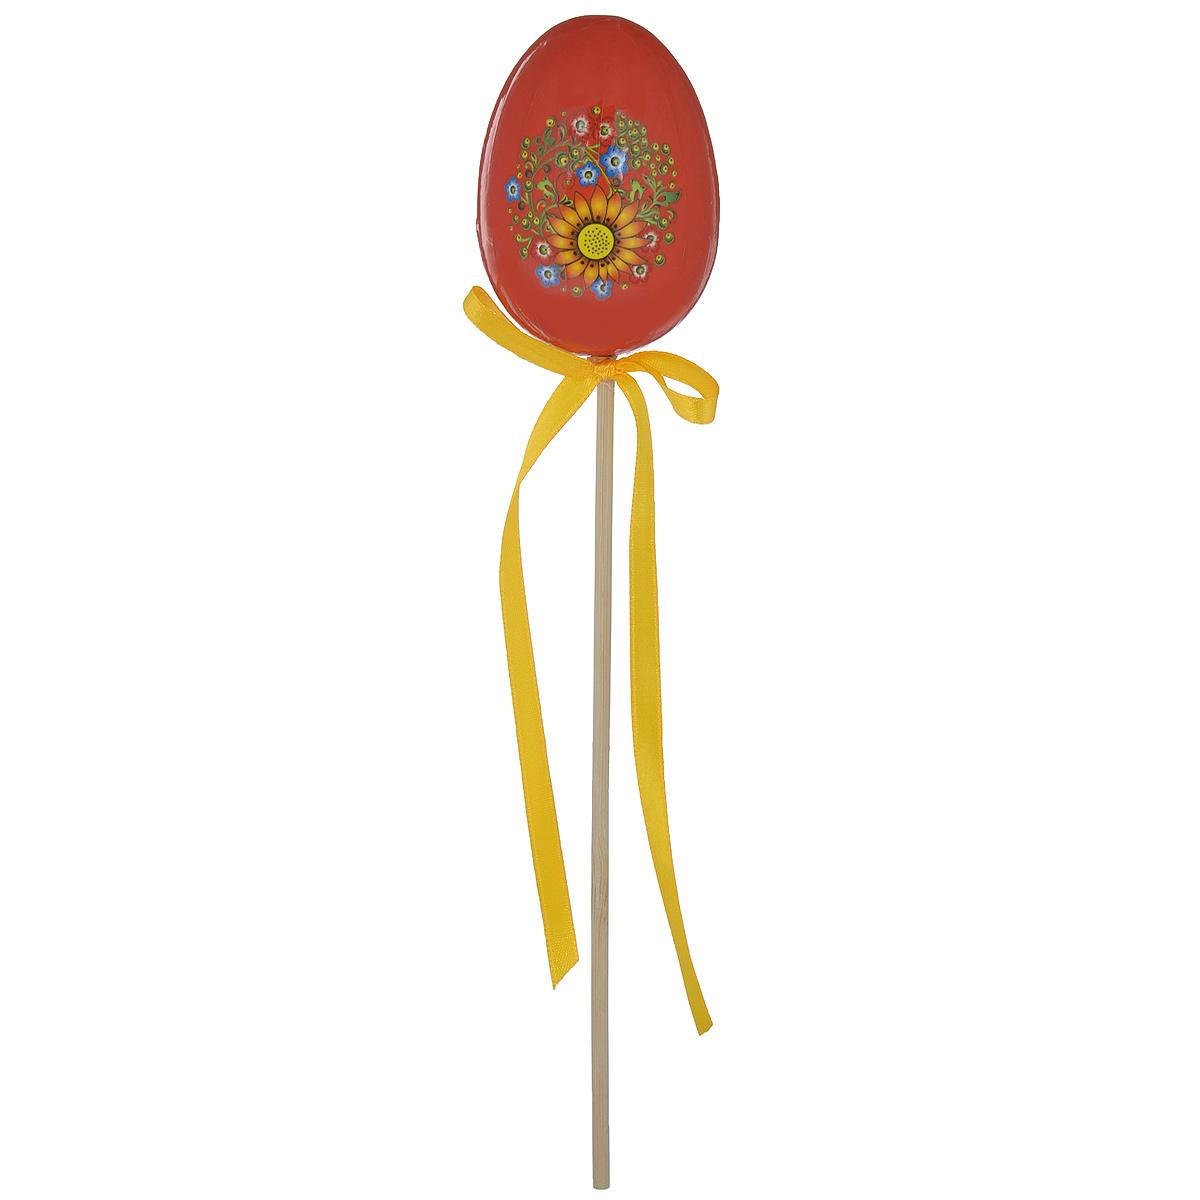 Декоративное украшение на ножке Home Queen Яйцо, цвет: красный, высота 25 см64415_1Декоративное украшение Home Queen Яйцо выполнено из пенопласта, ламинированной бумаги в виде пасхального яйца на деревянной ножке, декорированного цветочным рисунком. Изделие украшено текстильной лентой. Такое украшение прекрасно дополнит подарок для друзей или близких. Высота: 25 см. Размер яйца: 7 см х 5 см. Материал: пенопласт, ламинированная бумага.